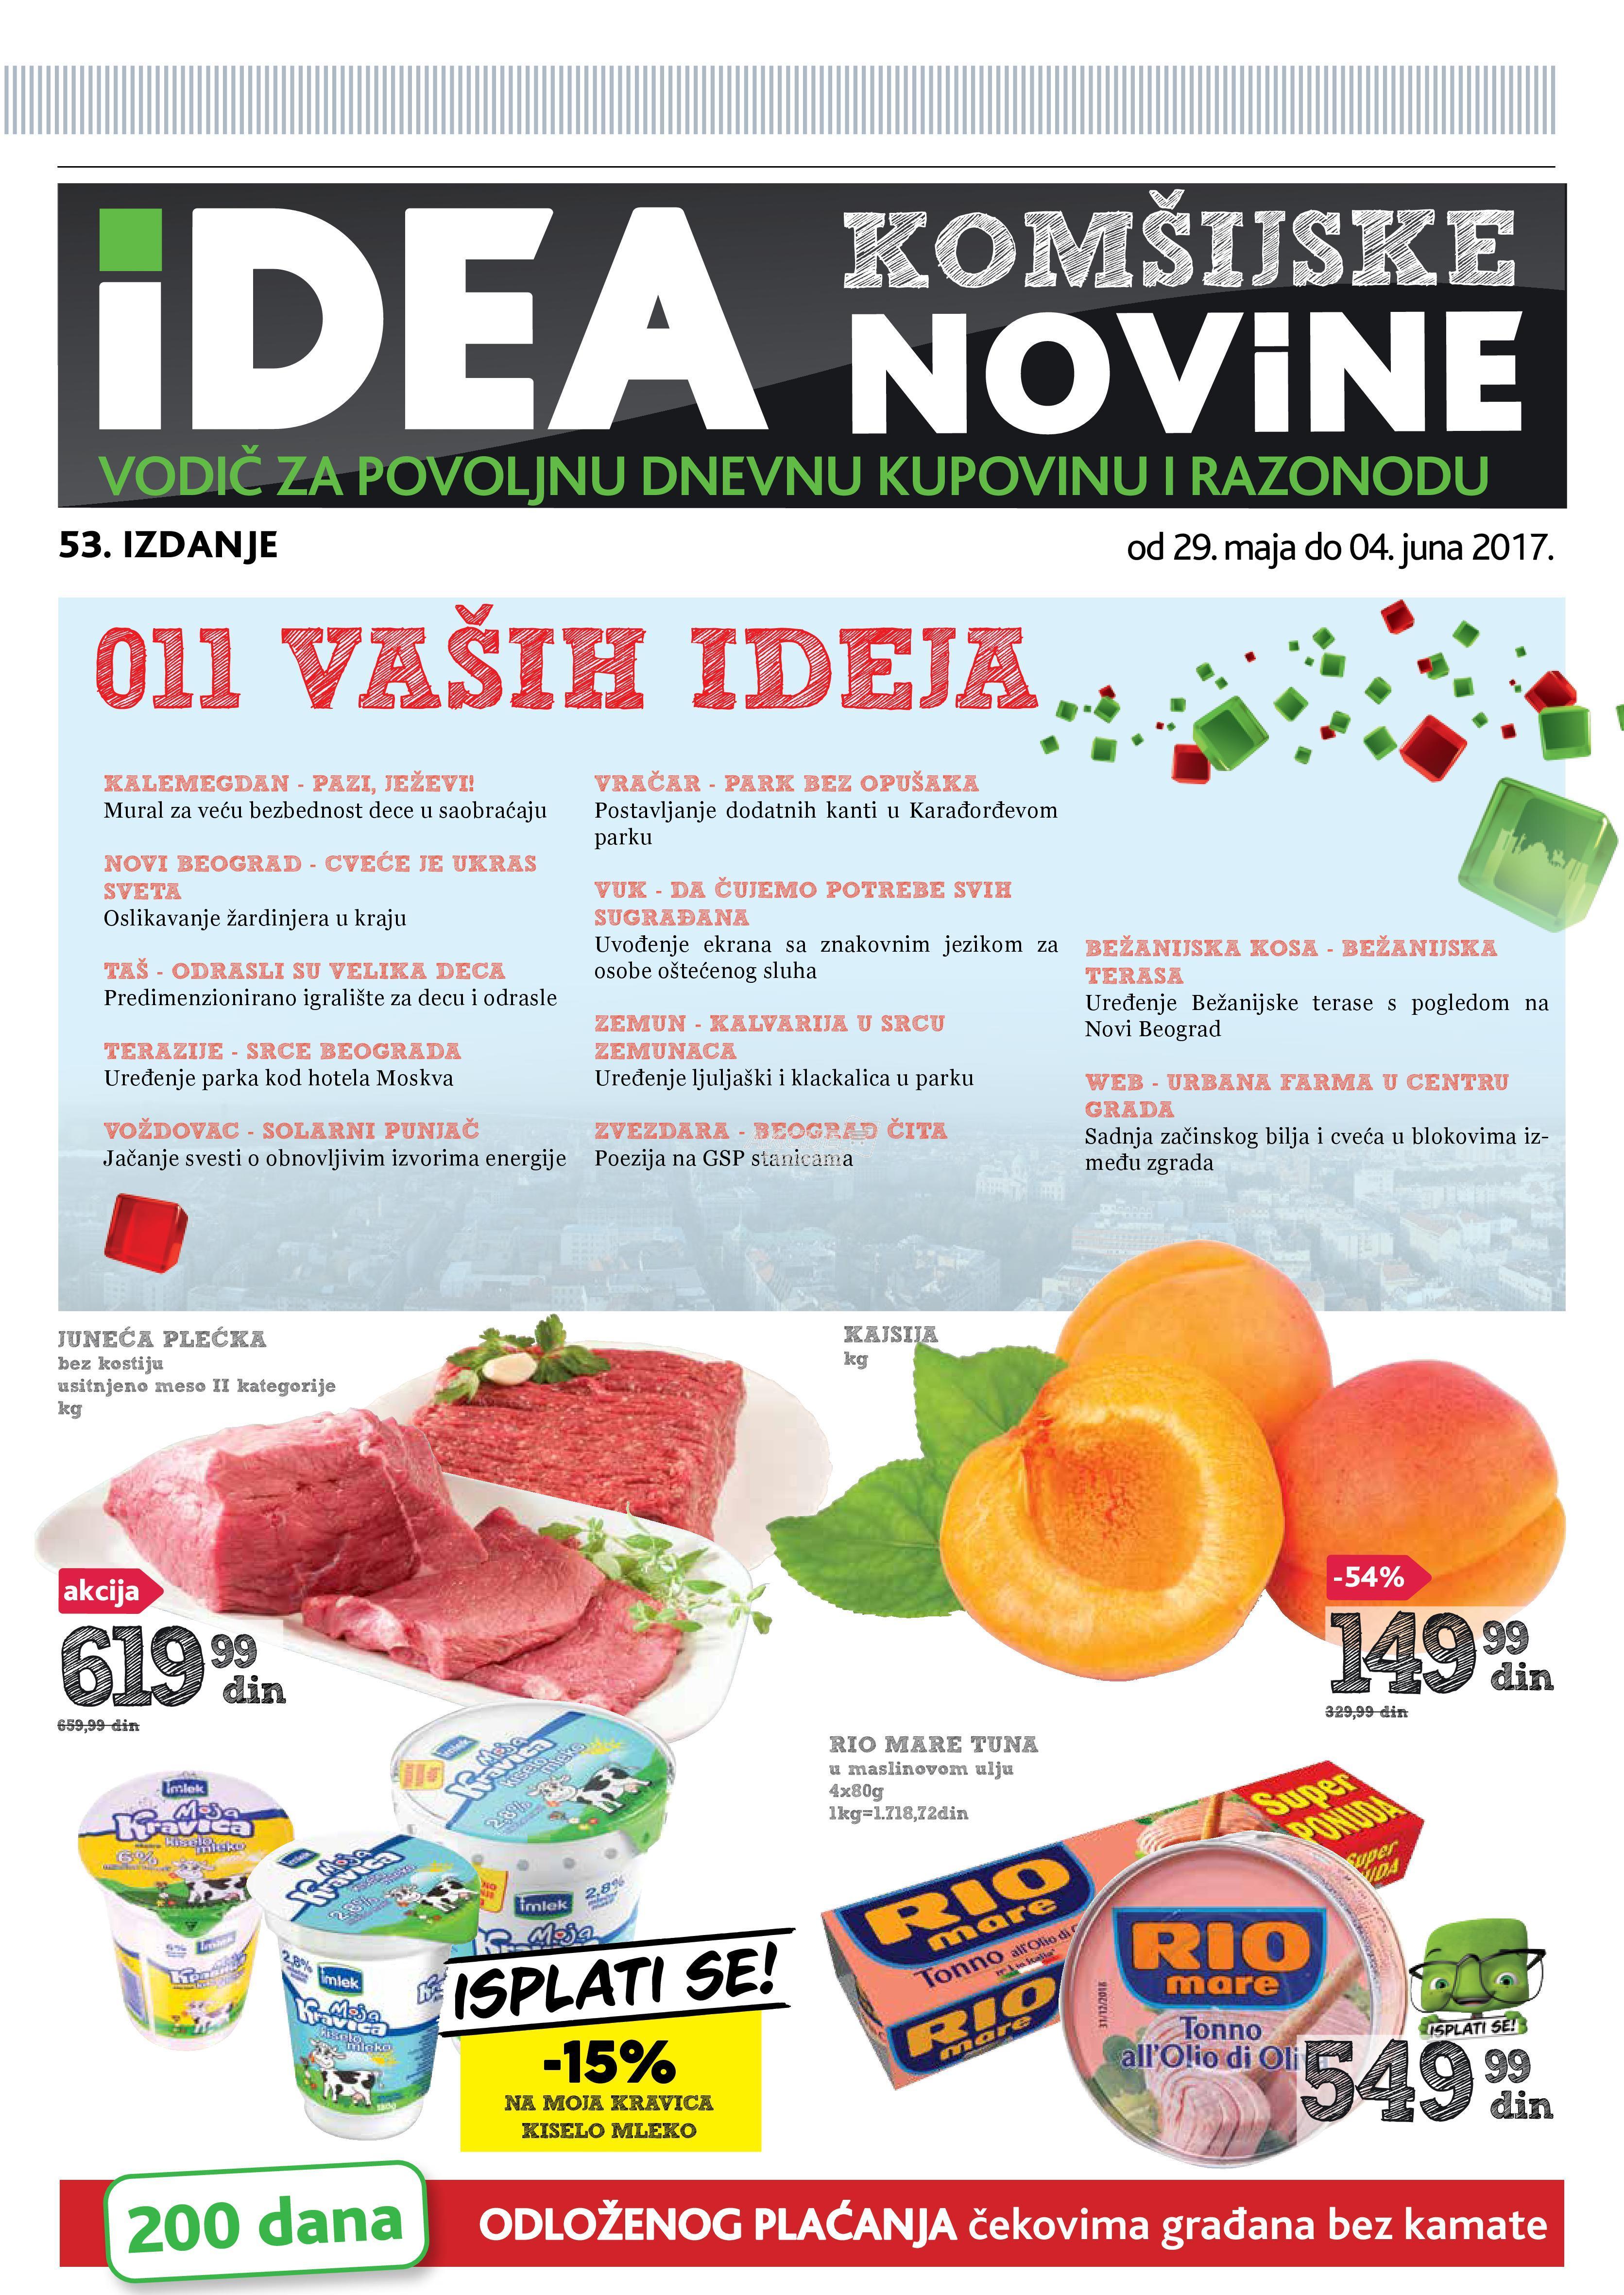 Idea - Redovna akcija komšijske novine